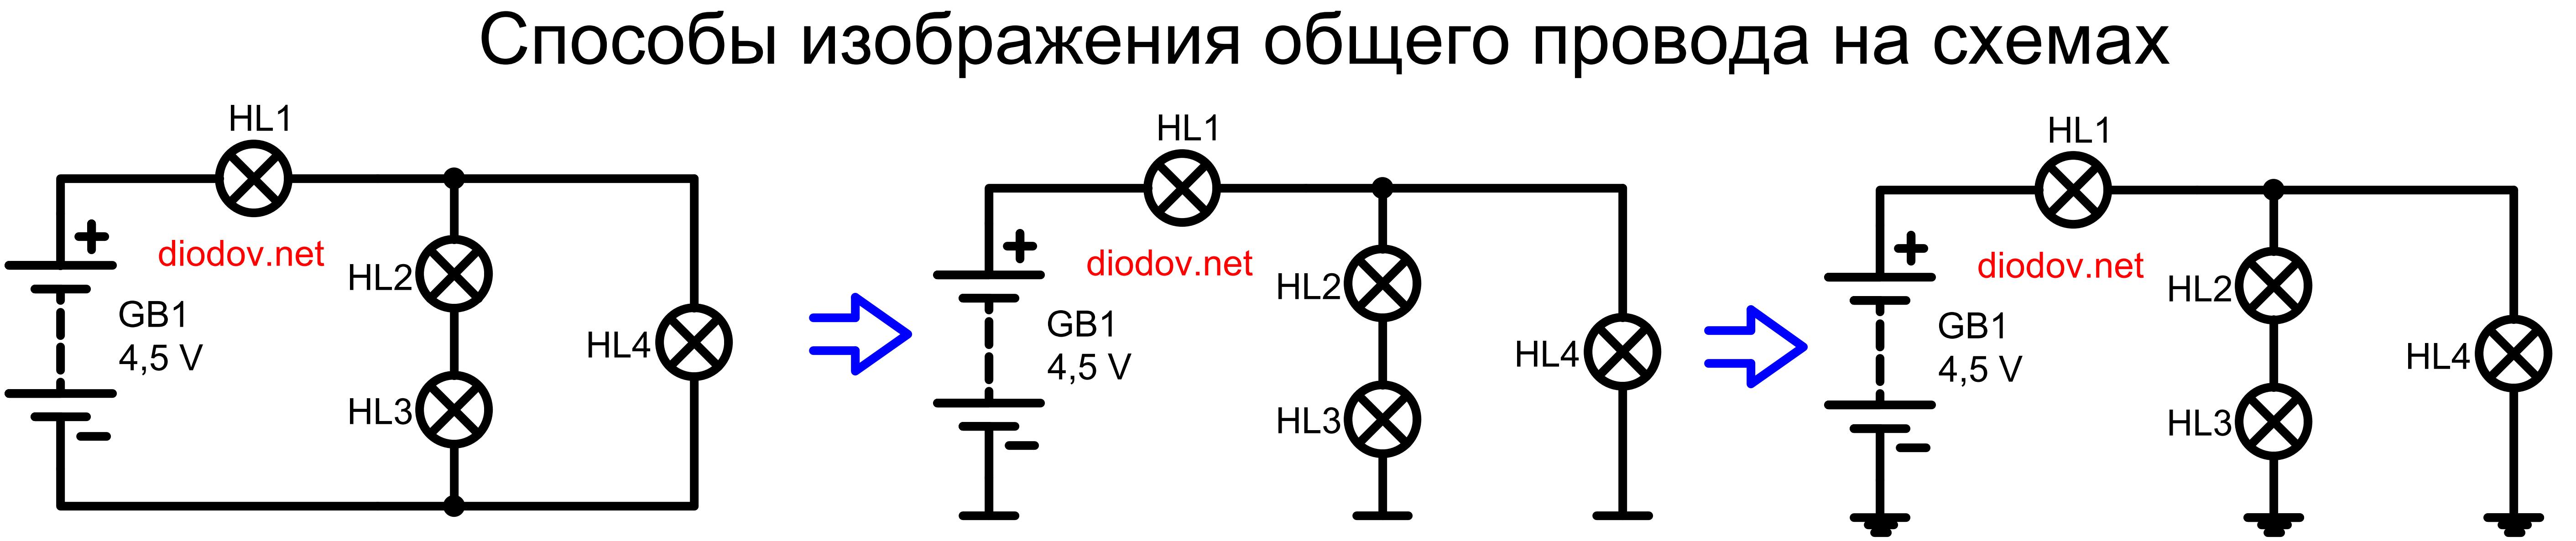 Обозначение общего провода на электрических схемах